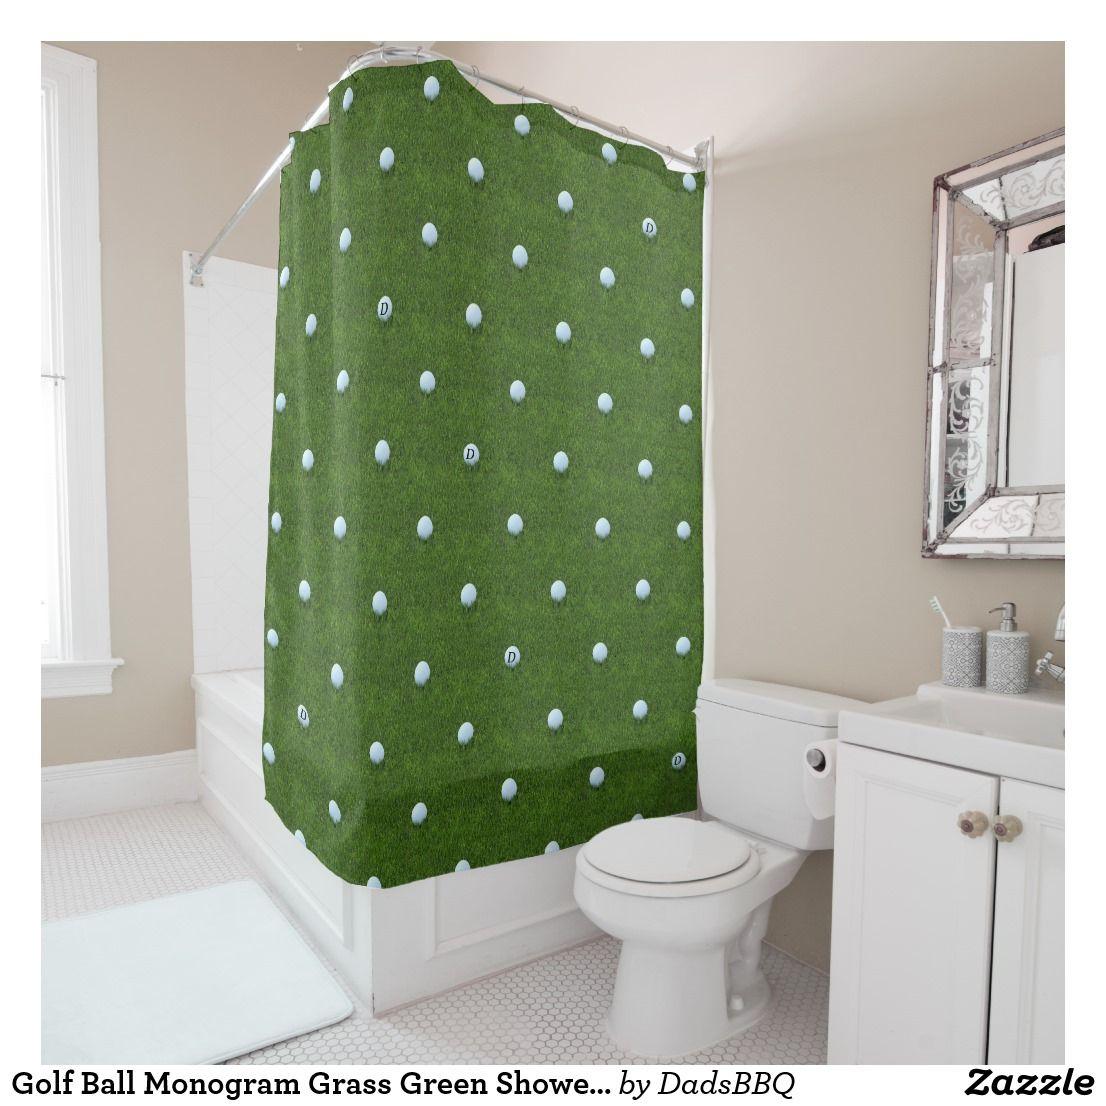 Golf Ball Monogram Grass Green Shower Curtain Zazzle Com Green